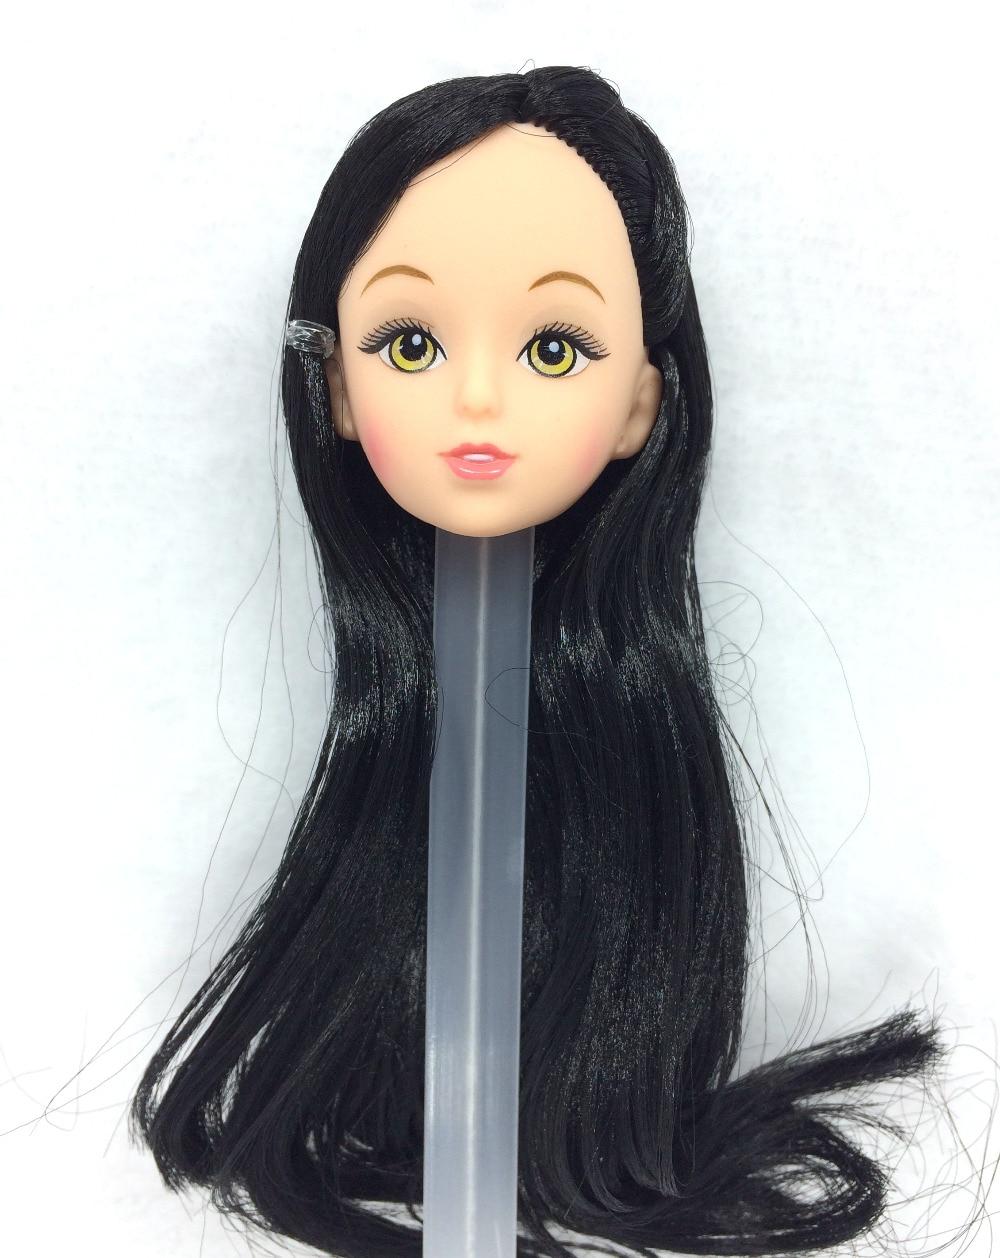 NK Satu Pcs Mode Boneka Kepala Rambut Hitam DIY Aksesoris Untuk Barbie Kurhn Doll Terbaik Gadis Hadiah Anak DIY Mainan 024J